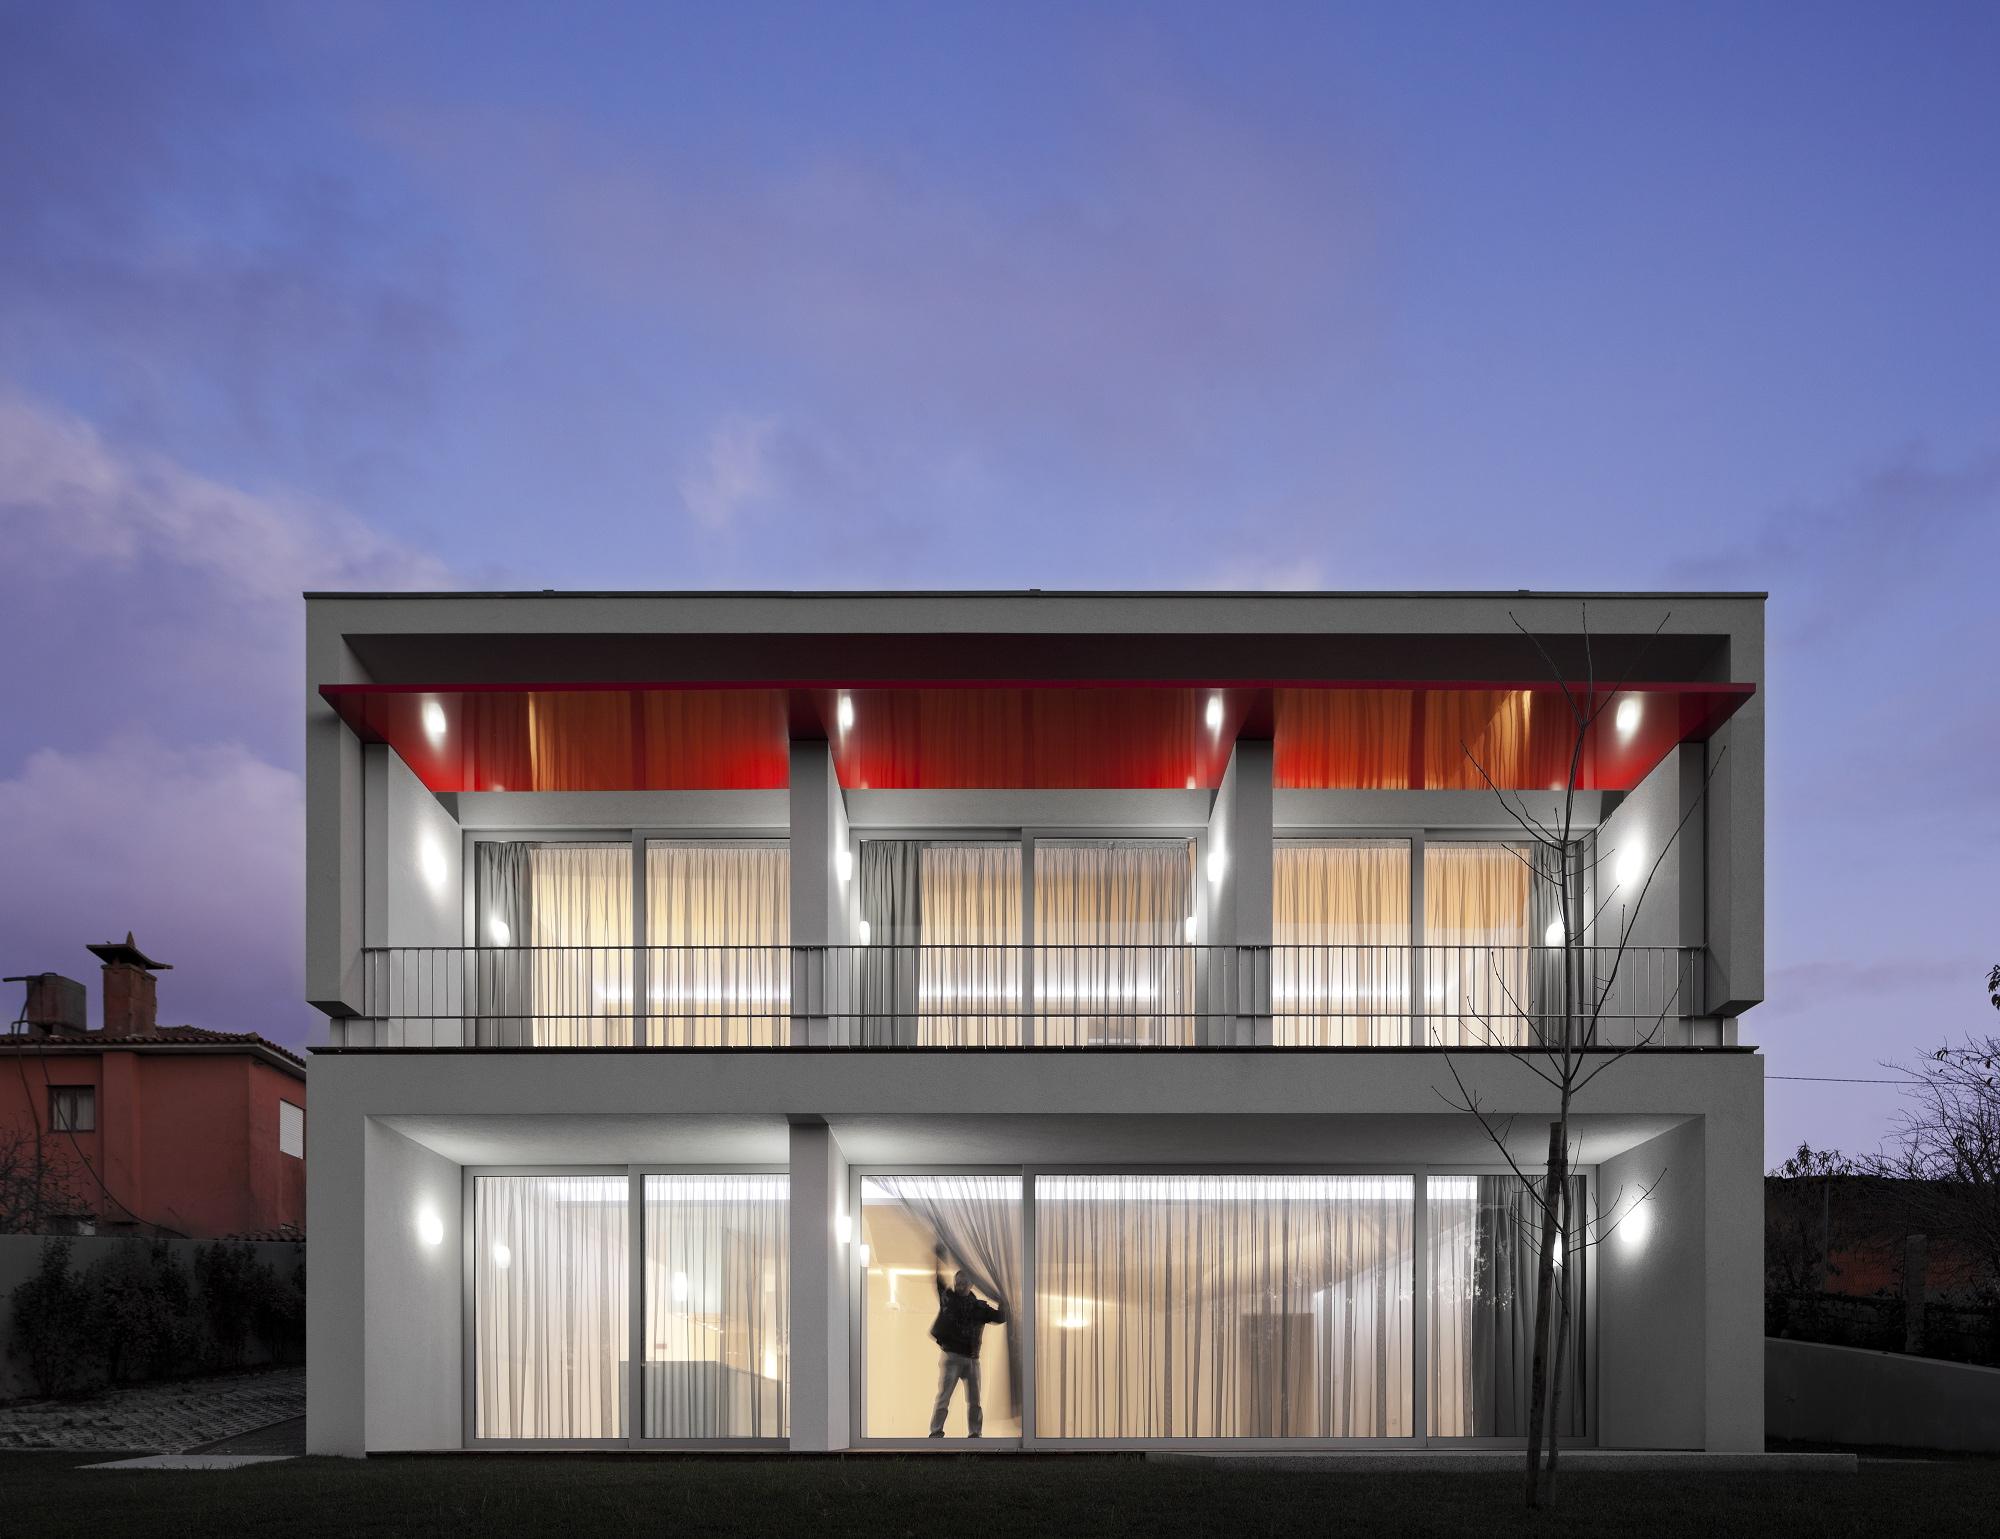 Casa de Souto / Nelson Resende Arquitecto, © FG+SG – Fernando Guerra, Sergio Guerra